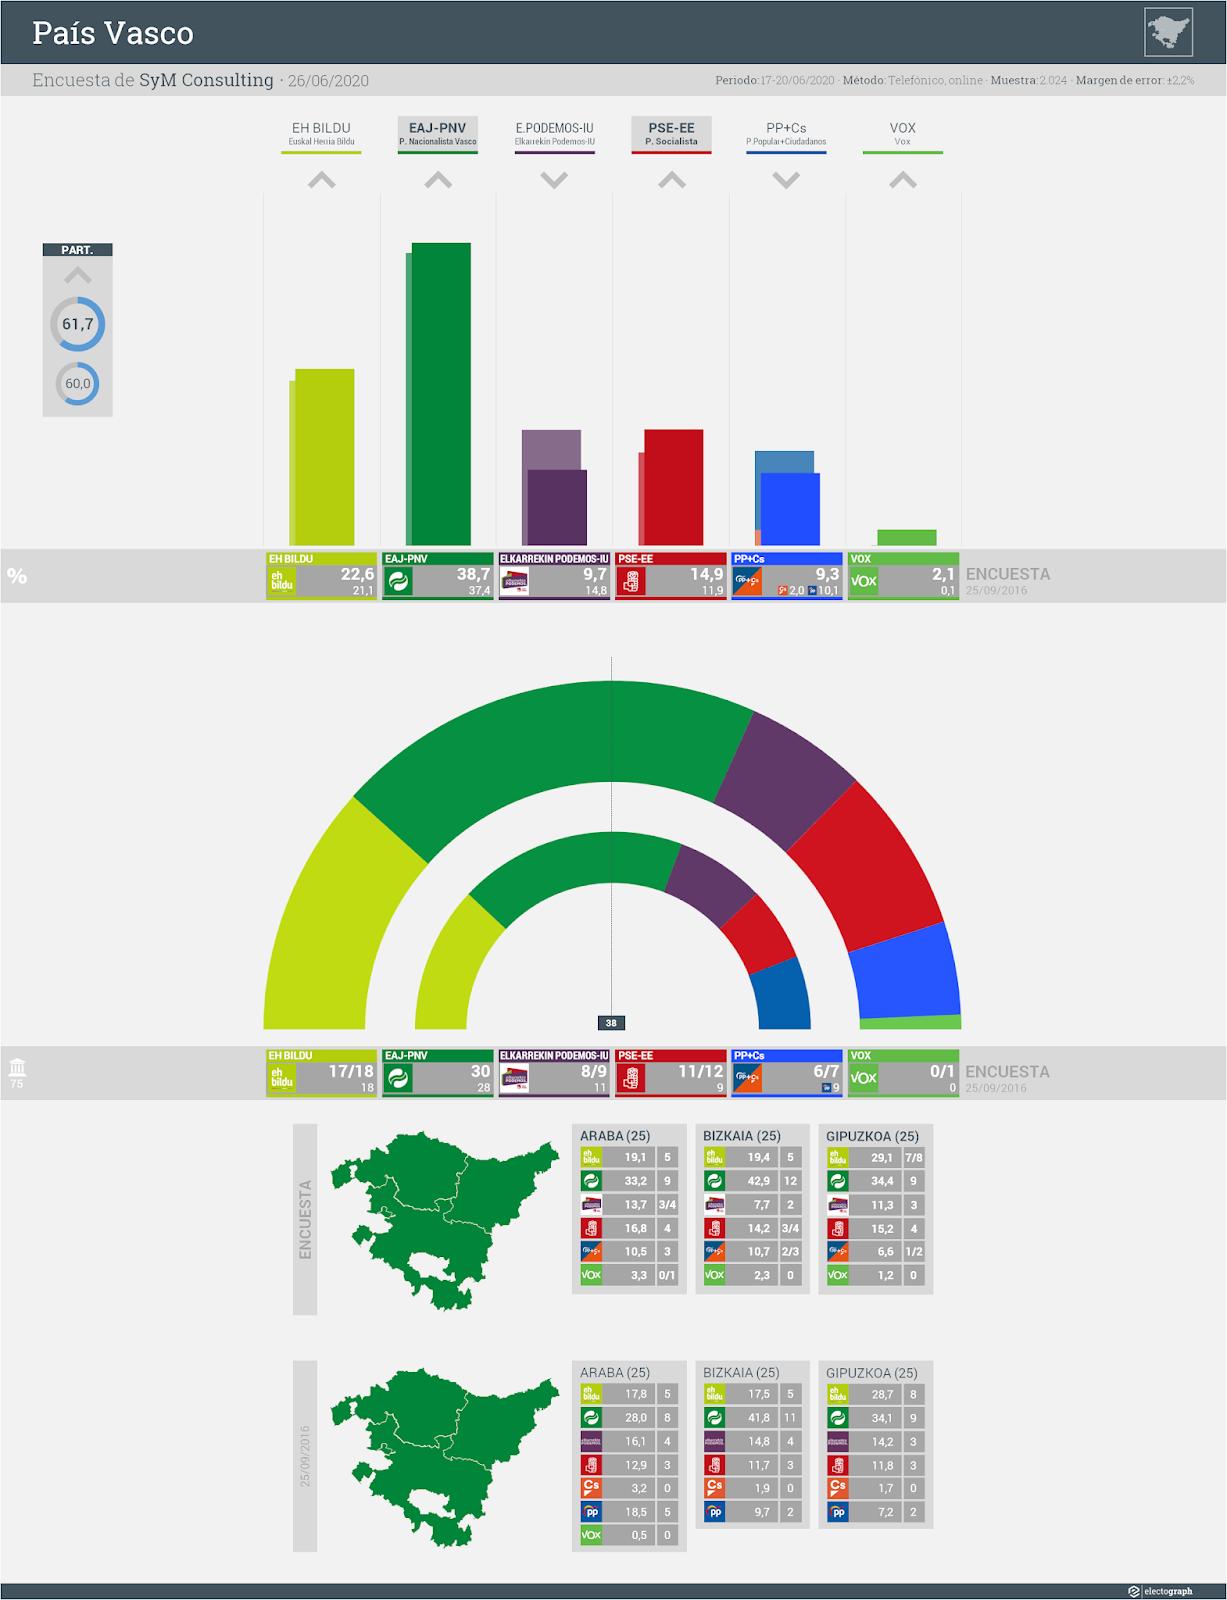 Gráfico de la encuesta para elecciones autonómicas en el País Vasco realizada por SyM Consulting, 26 de junio de 2020